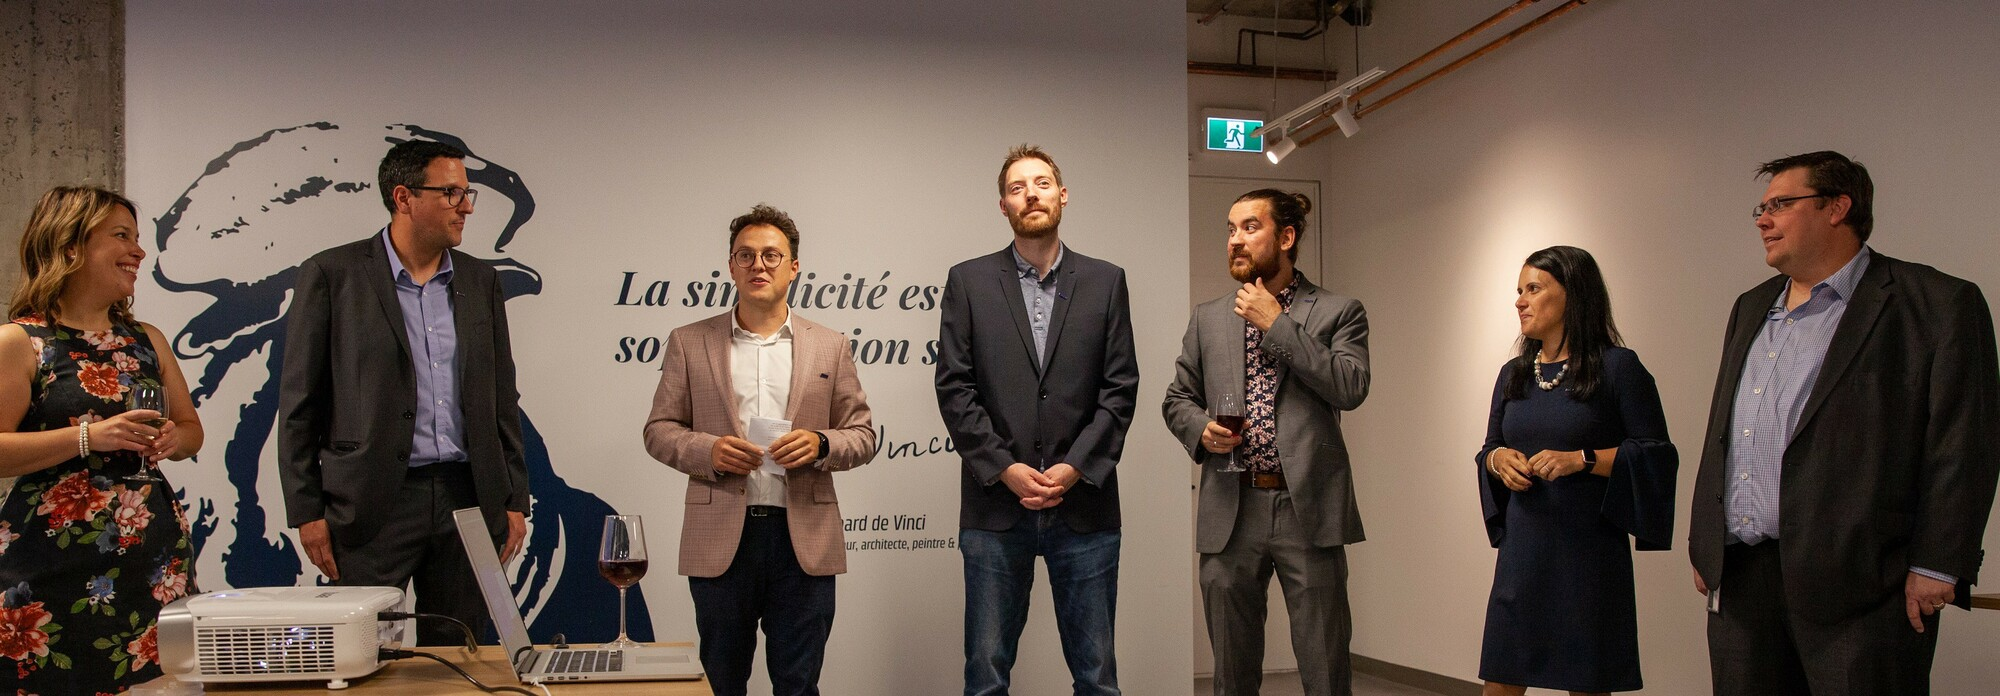 Photographie des membres de la direction de Libéo prise lors des discours d'inauguration du nouveau bureau de Montréal